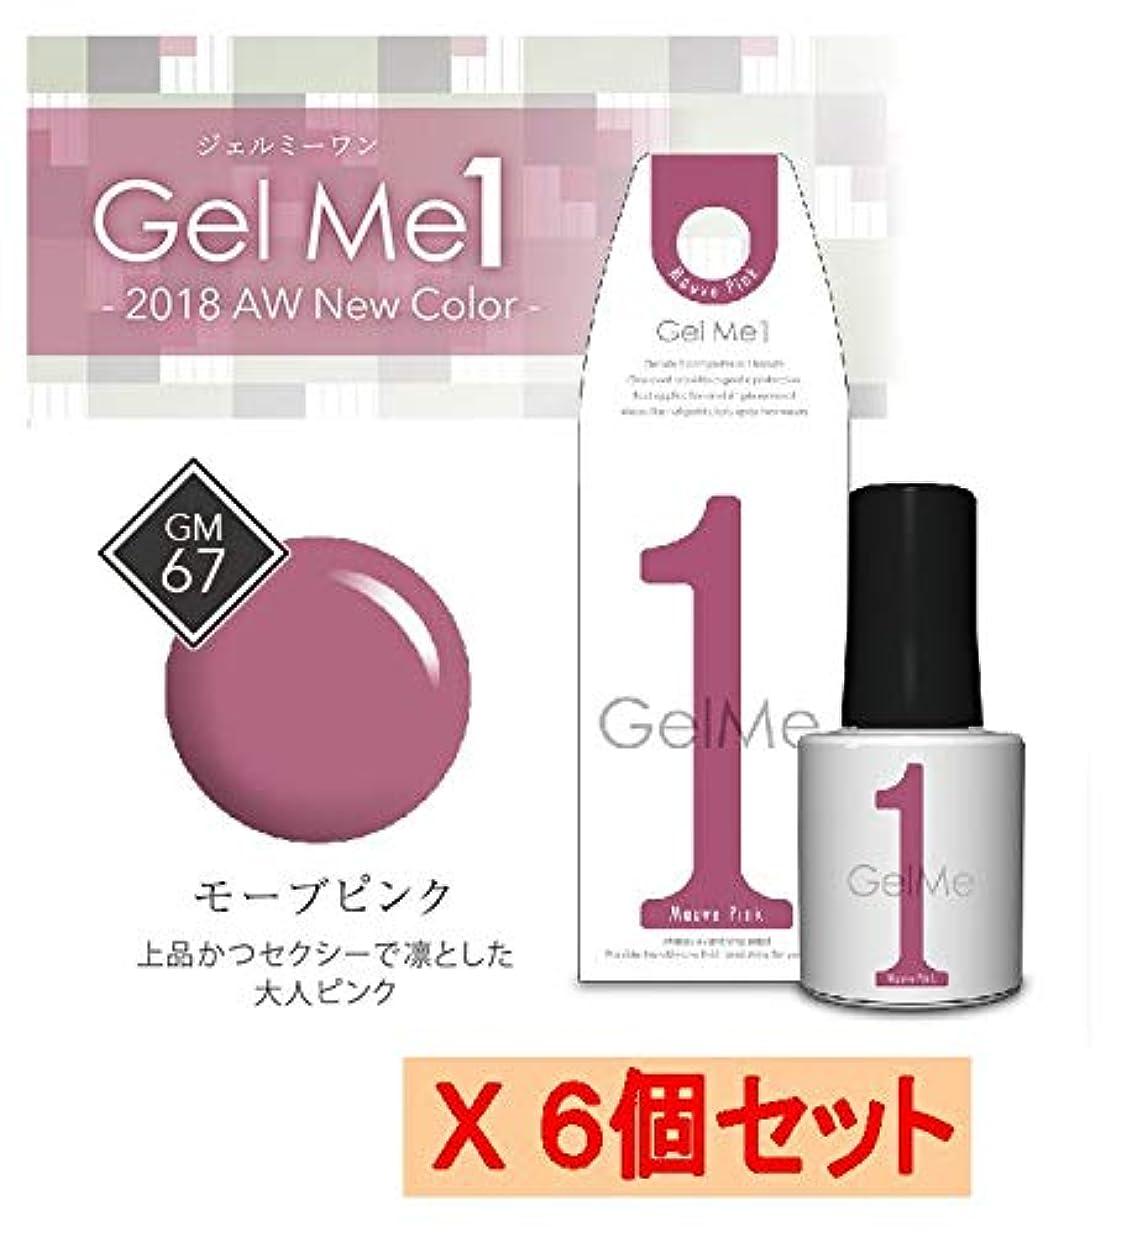 ジェルミーワン[GelMe1] GM-67 モーヴピンク 【セルフ ジェルネイル ジェル】 X6個セット